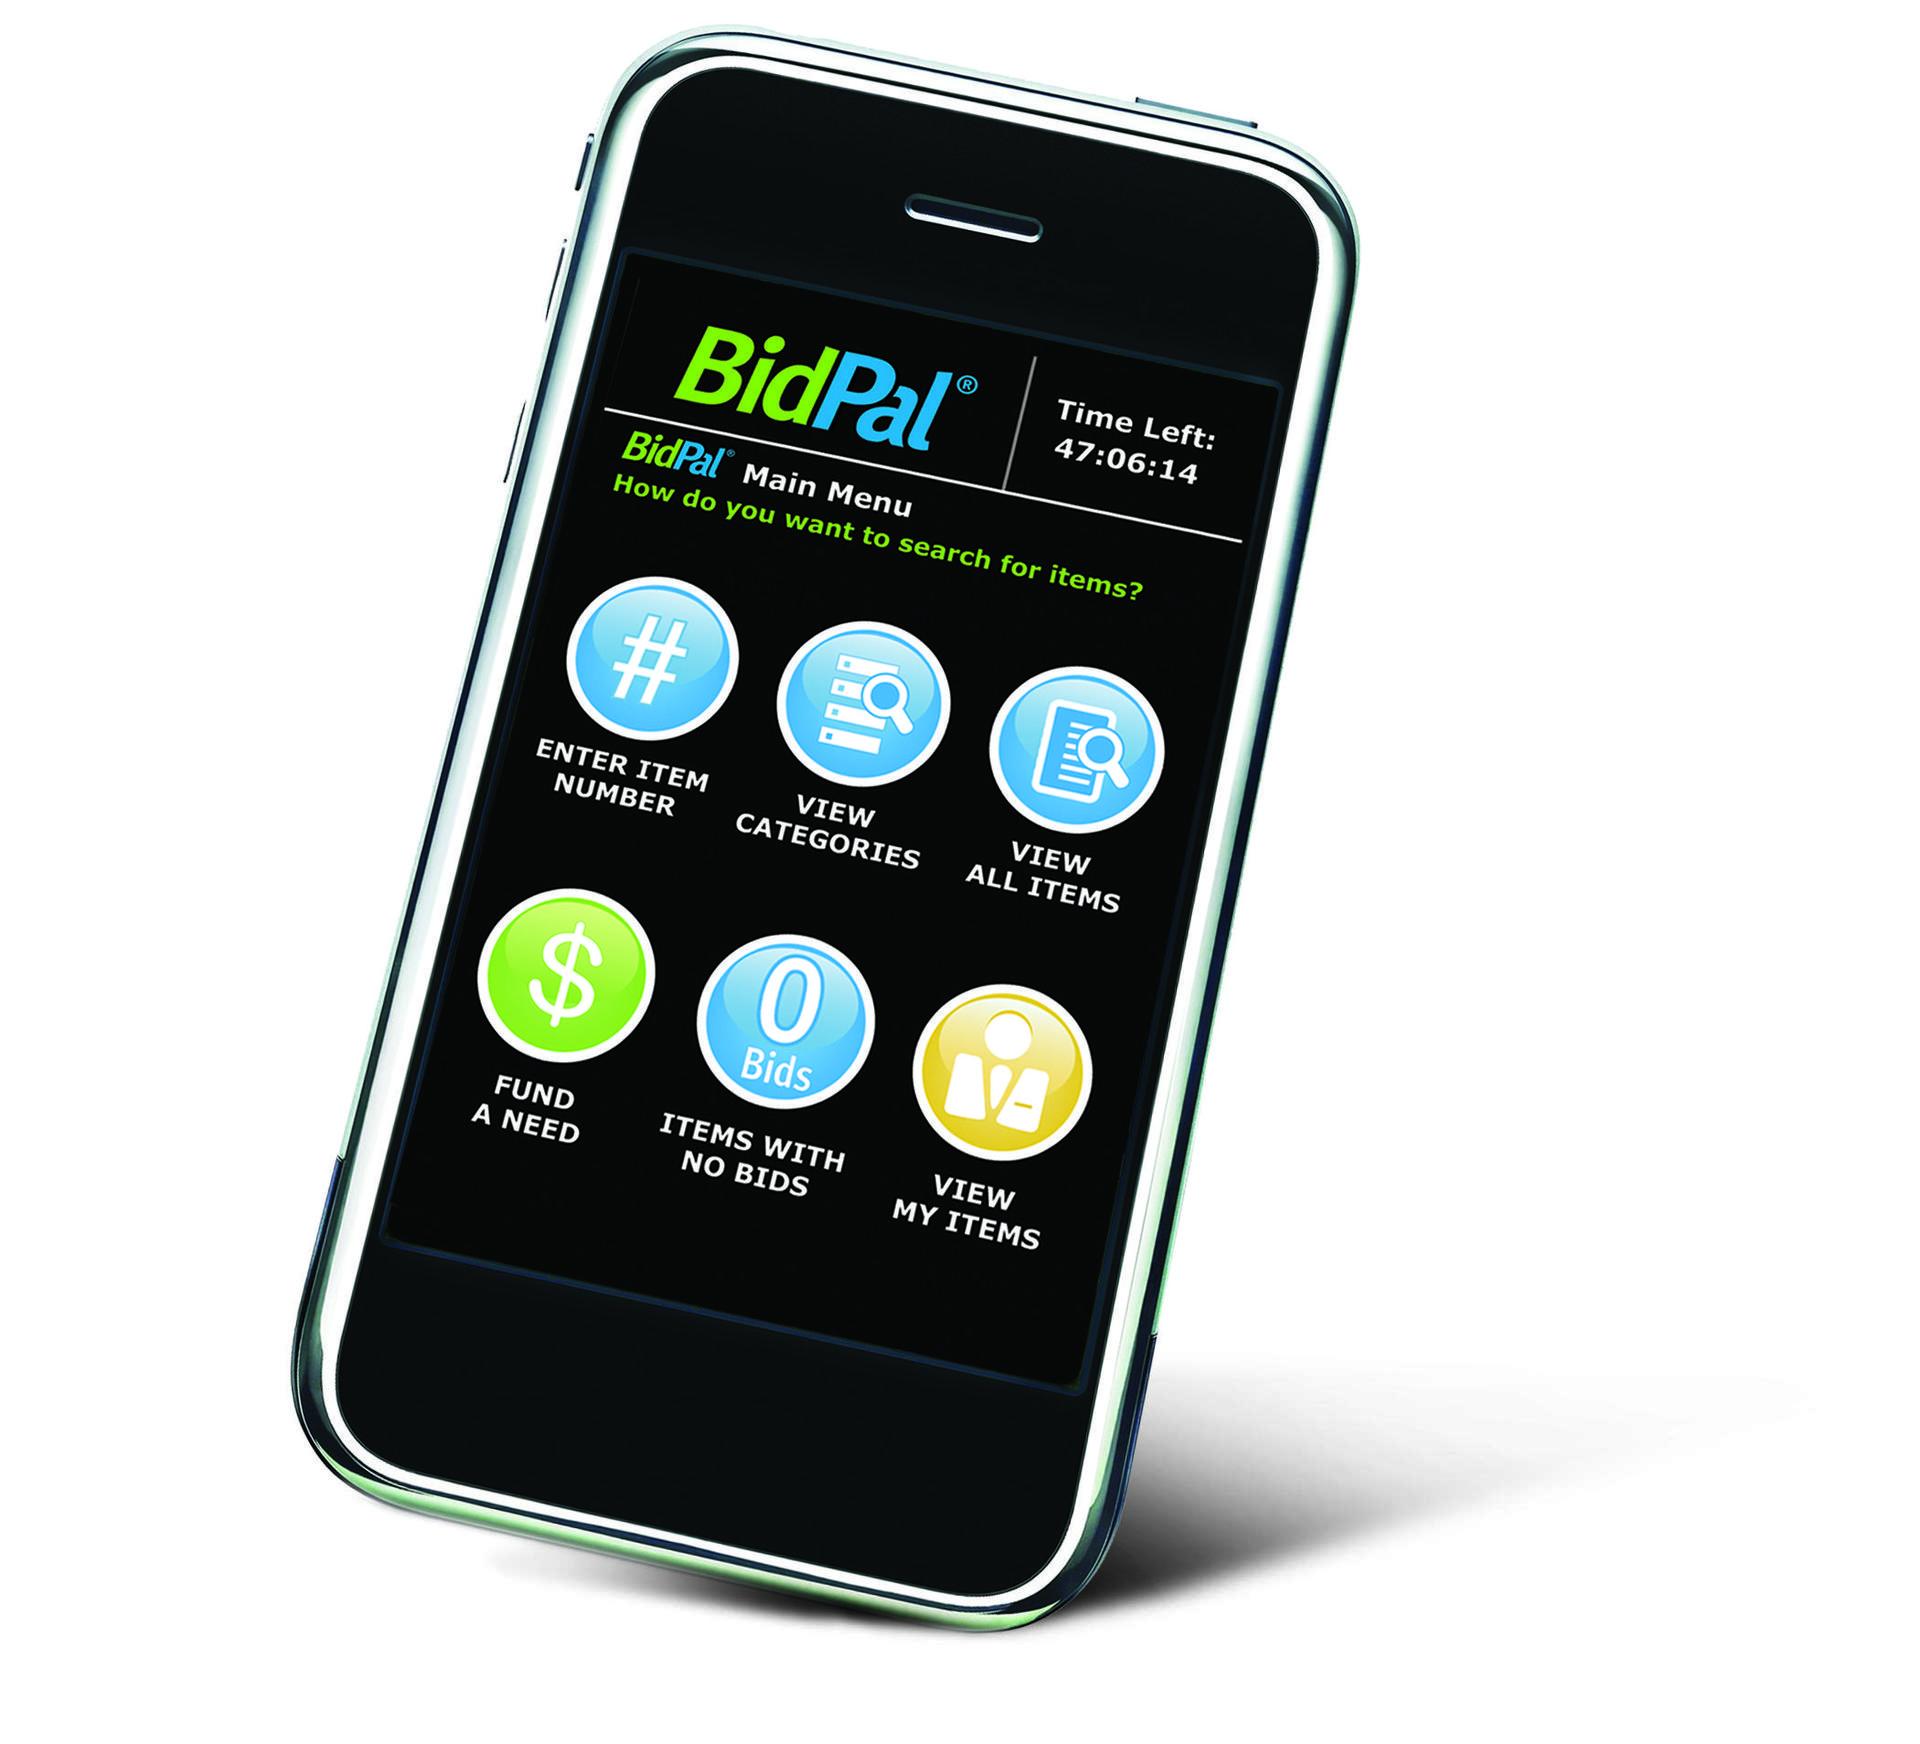 BIDPAL PHONE